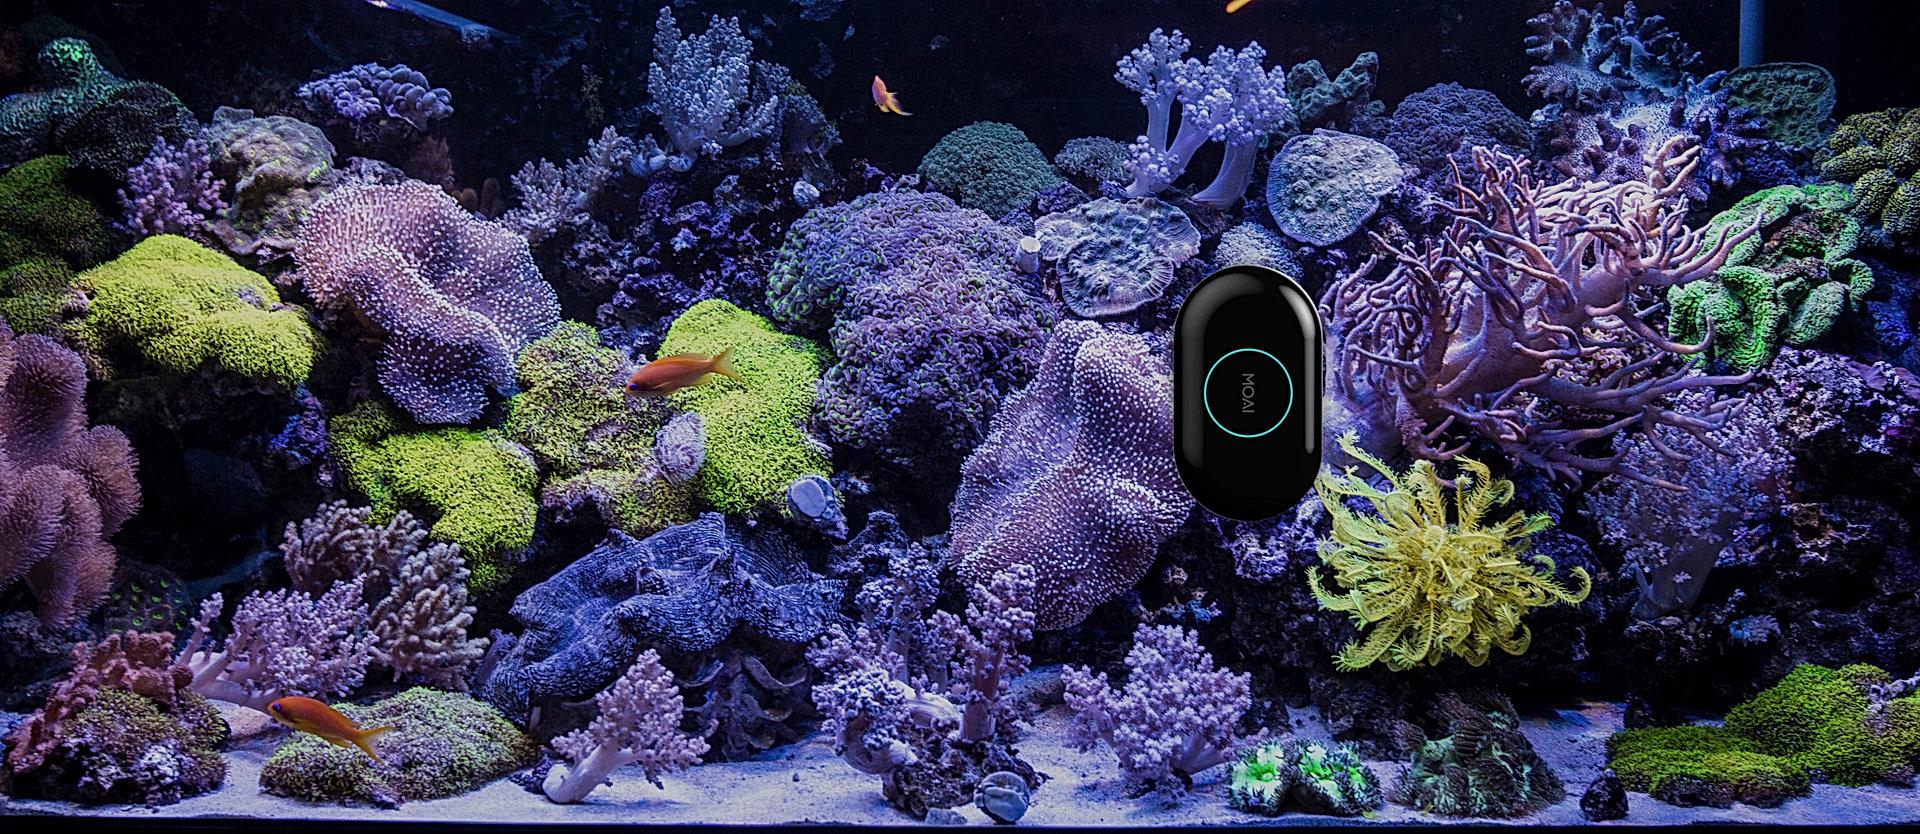 MOAI Aquarium Robot Cleaner Camera